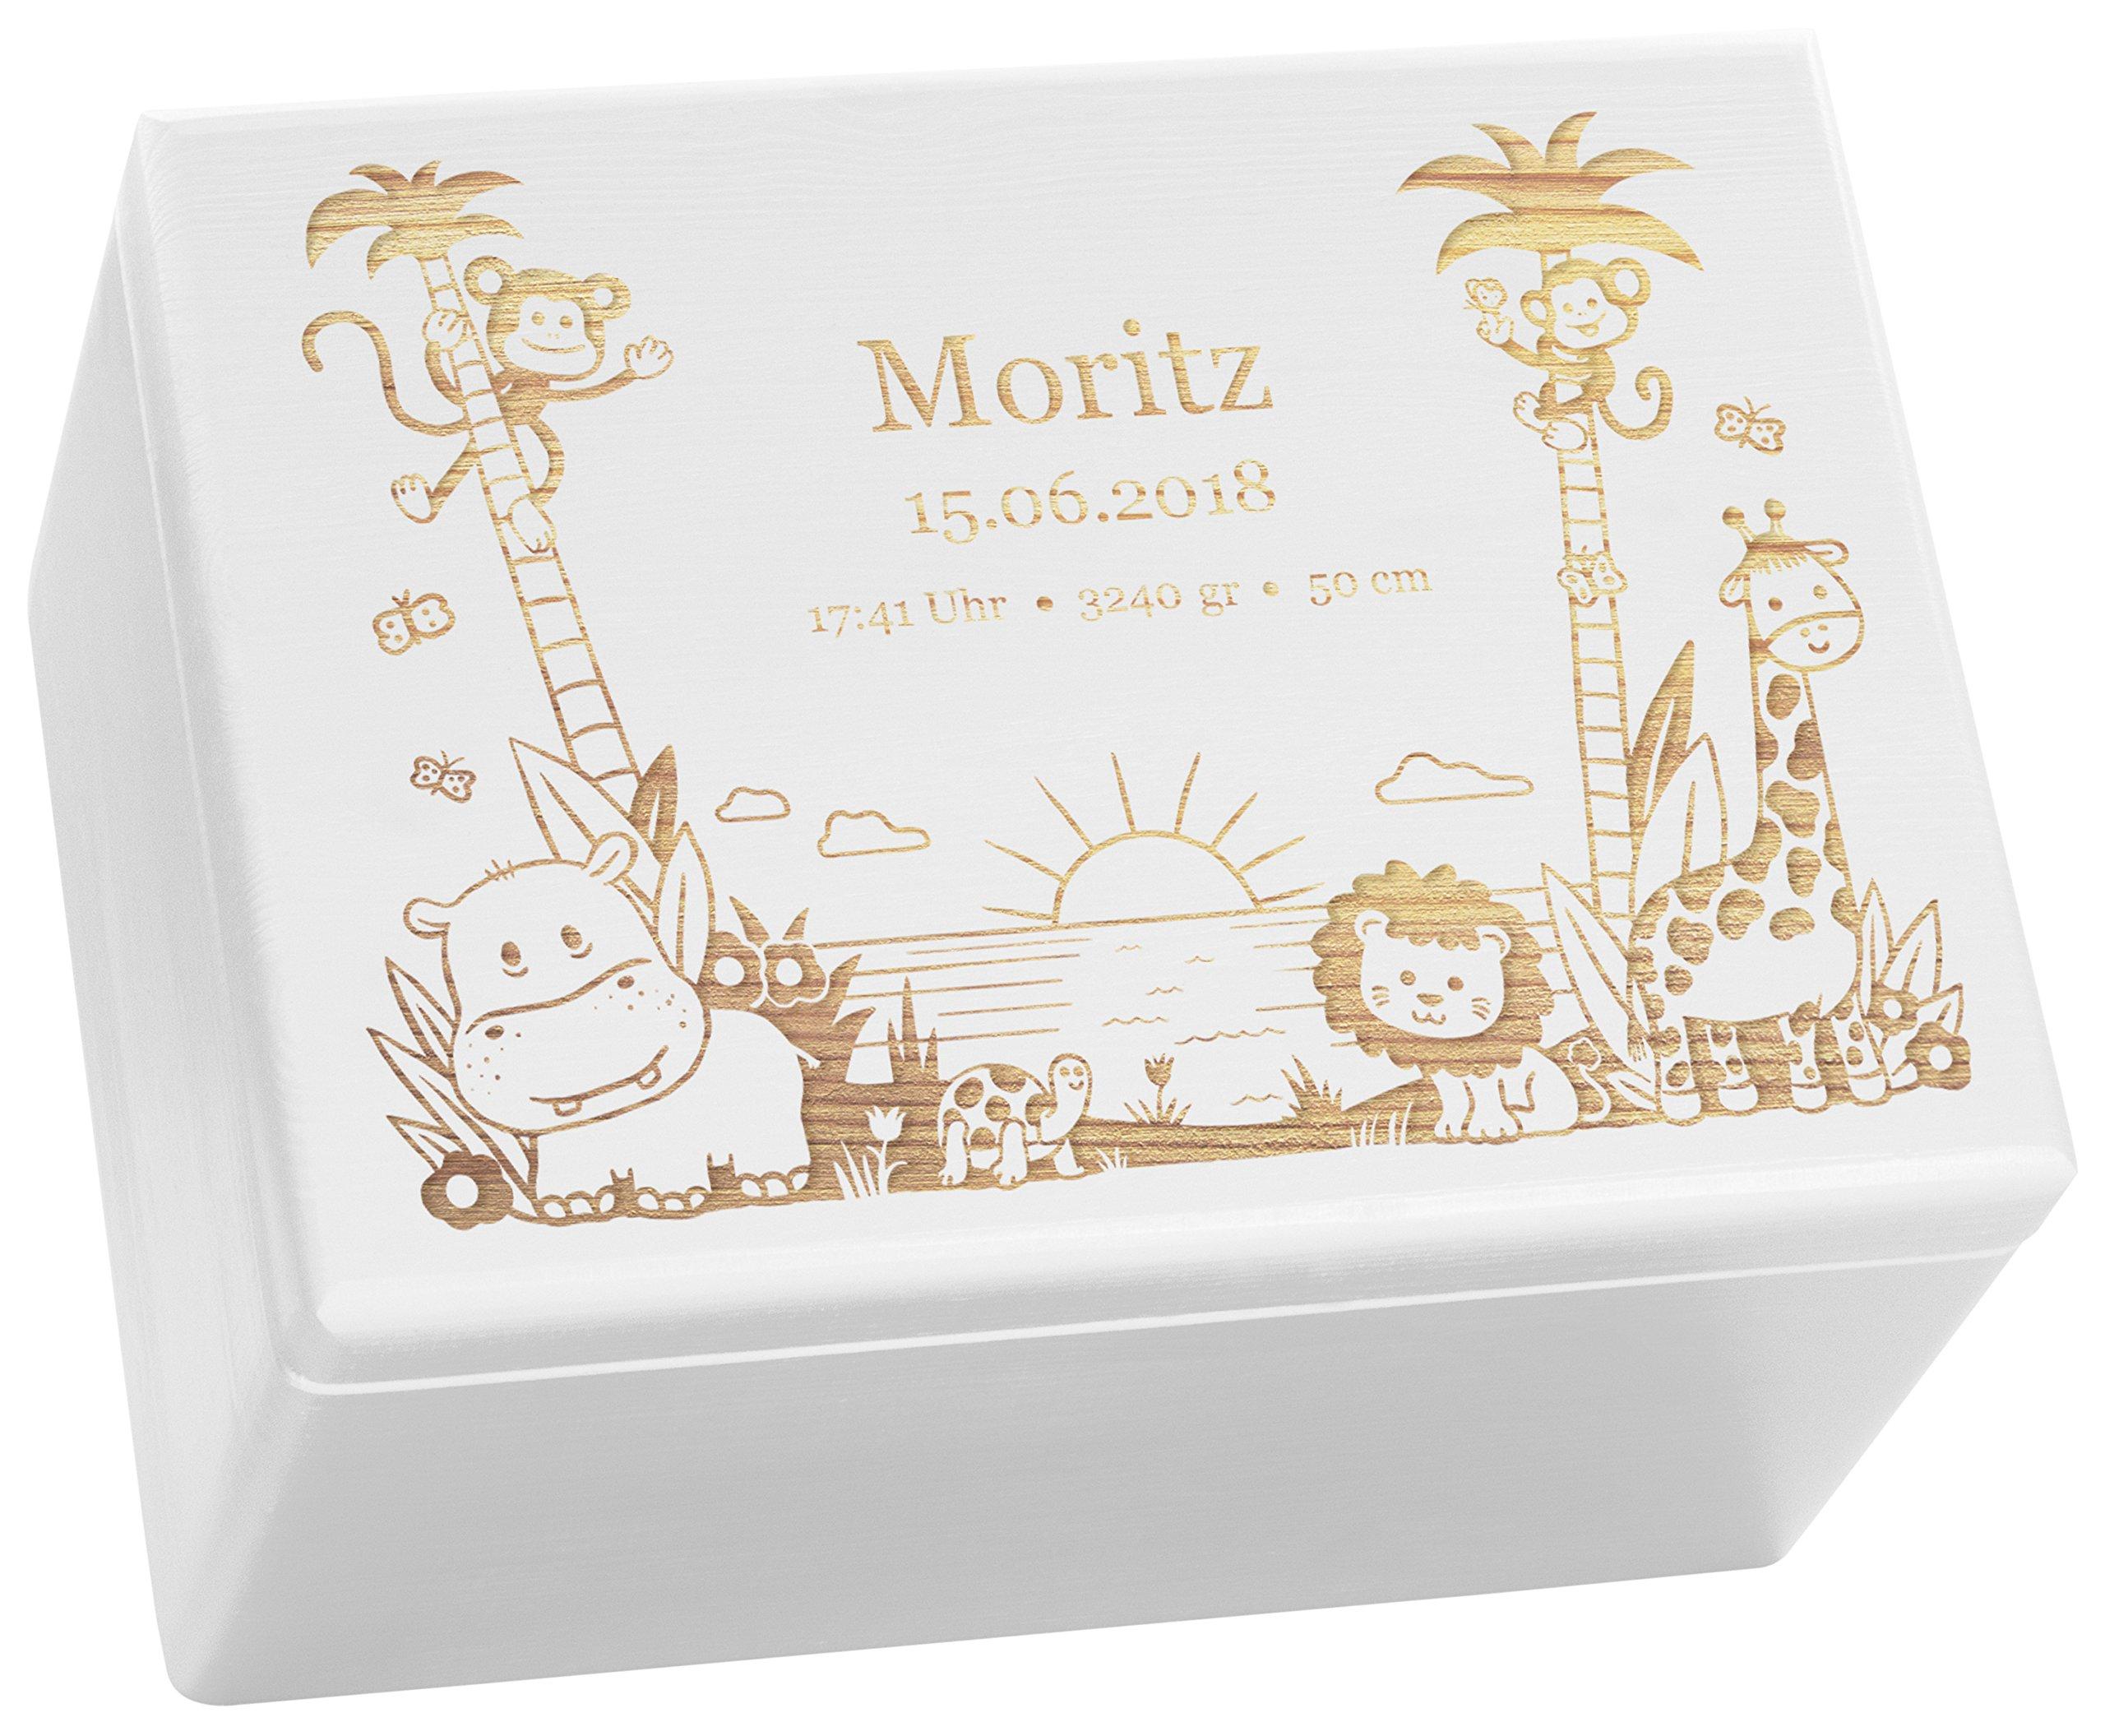 LAUBLUST Holzkiste mit Gravur - Personalisiert mit ❤️ GEBURTSDATEN ❤️ - Weiß, Größe XL - Dschungel Motiv…